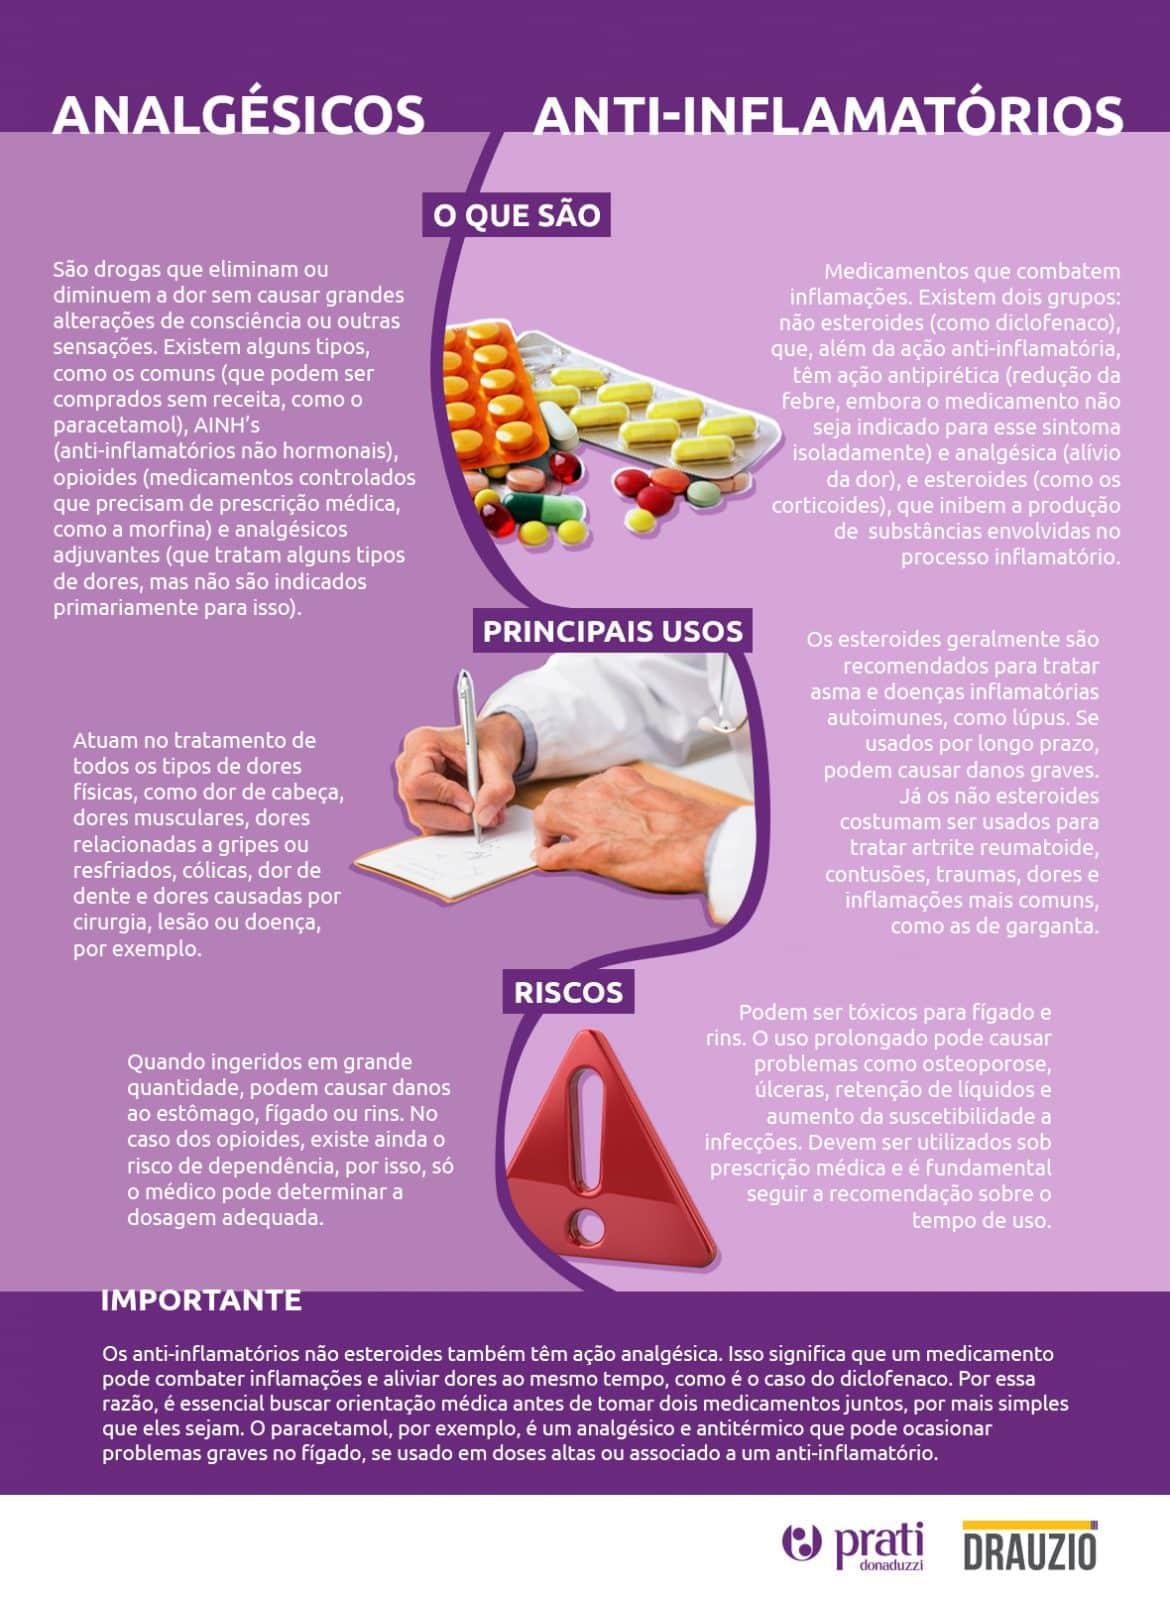 Infográfico com as principais diferenças entre analgésicos e anti-inflamatórios.